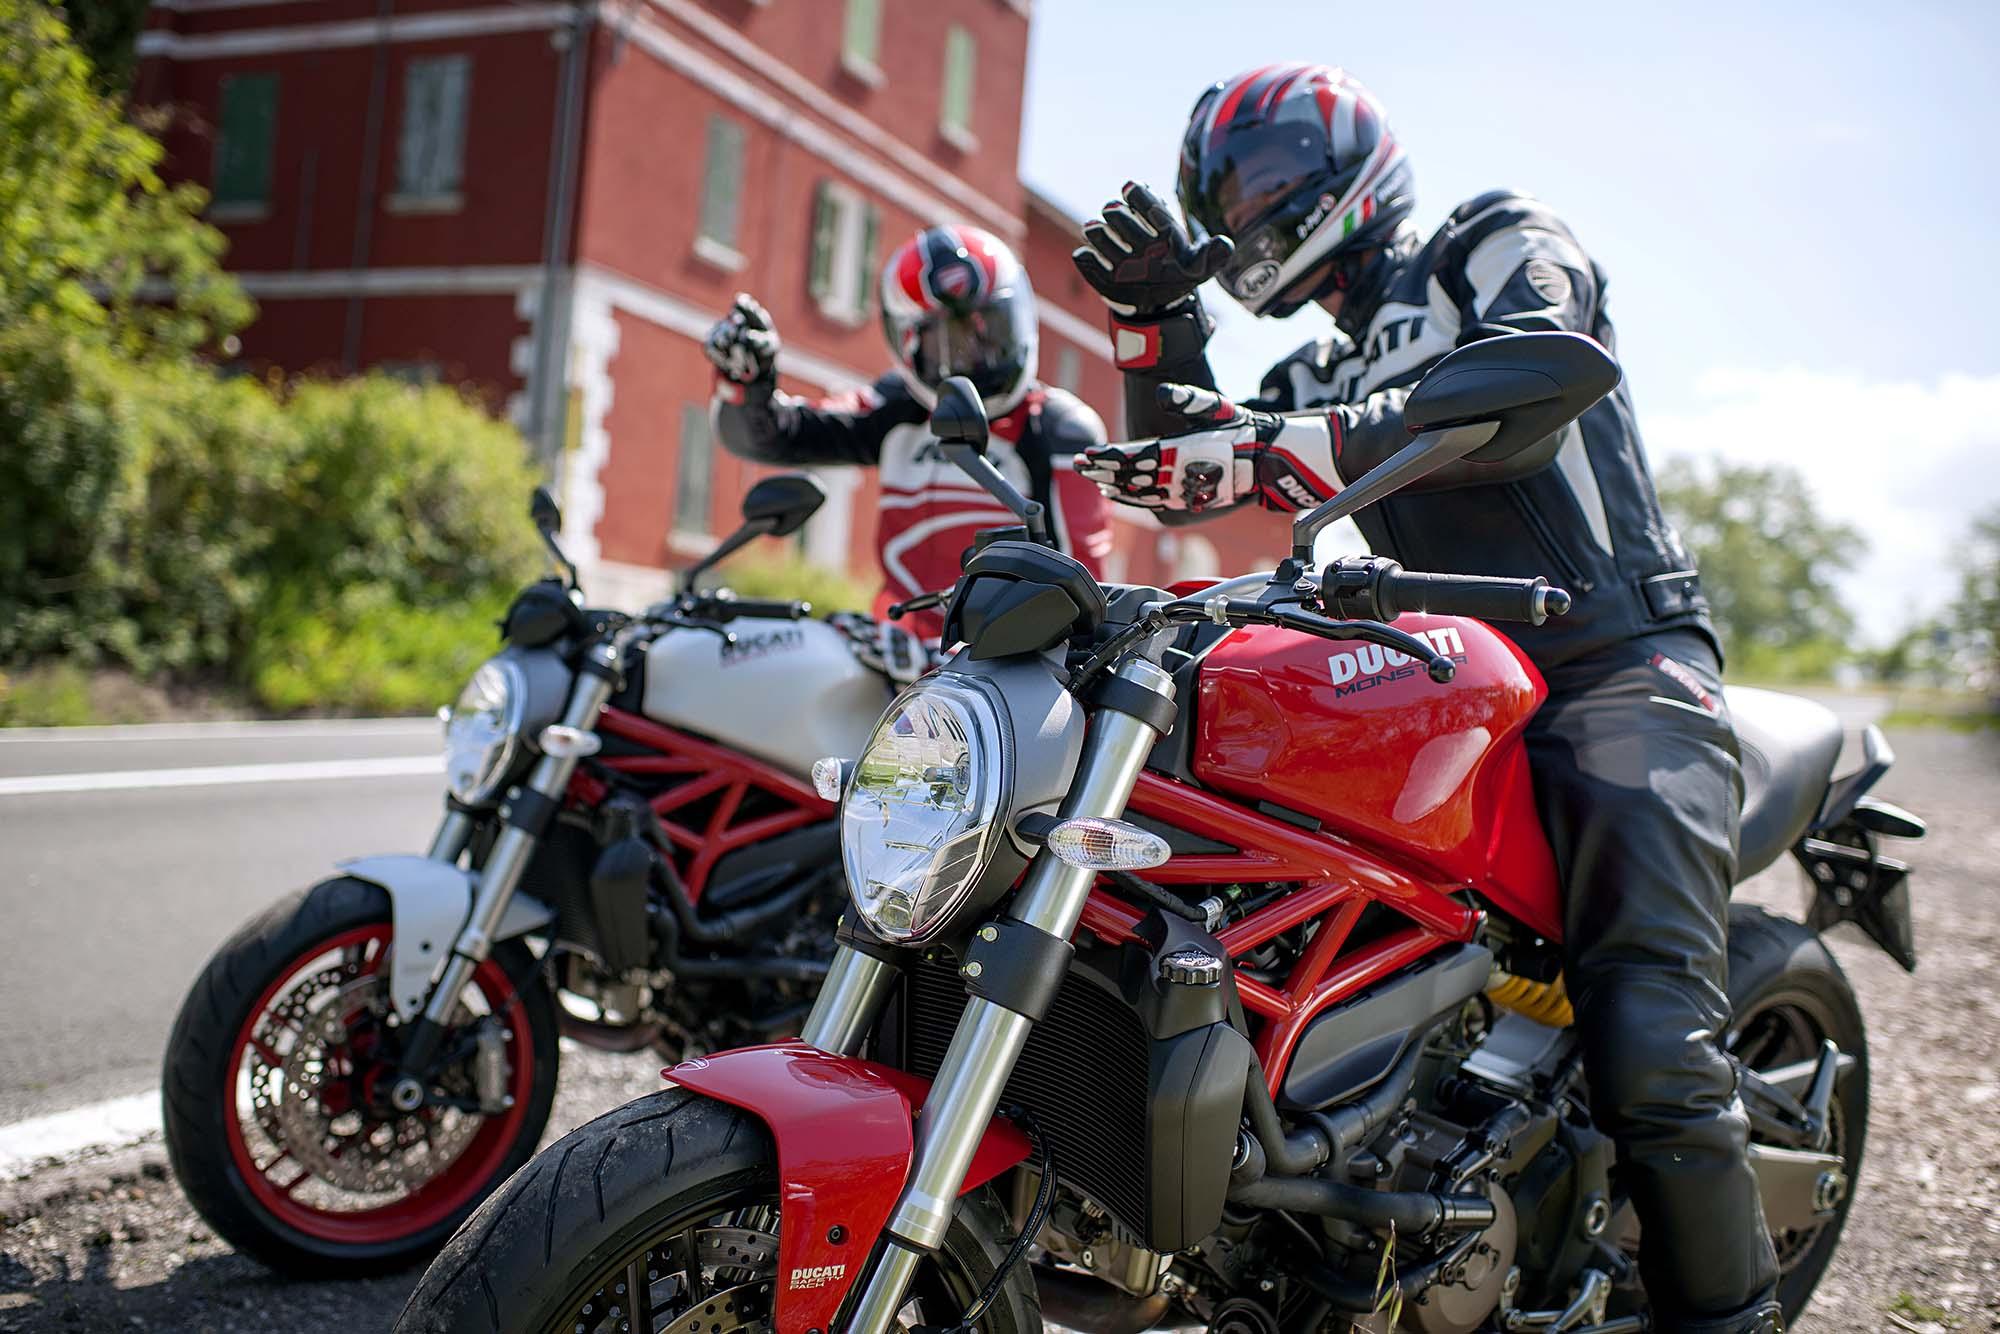 (IMG:http://i2.wp.com/www.asphaltandrubber.com/wp Content/uploads/2014/06/2015  Ducati Monster 821 73)